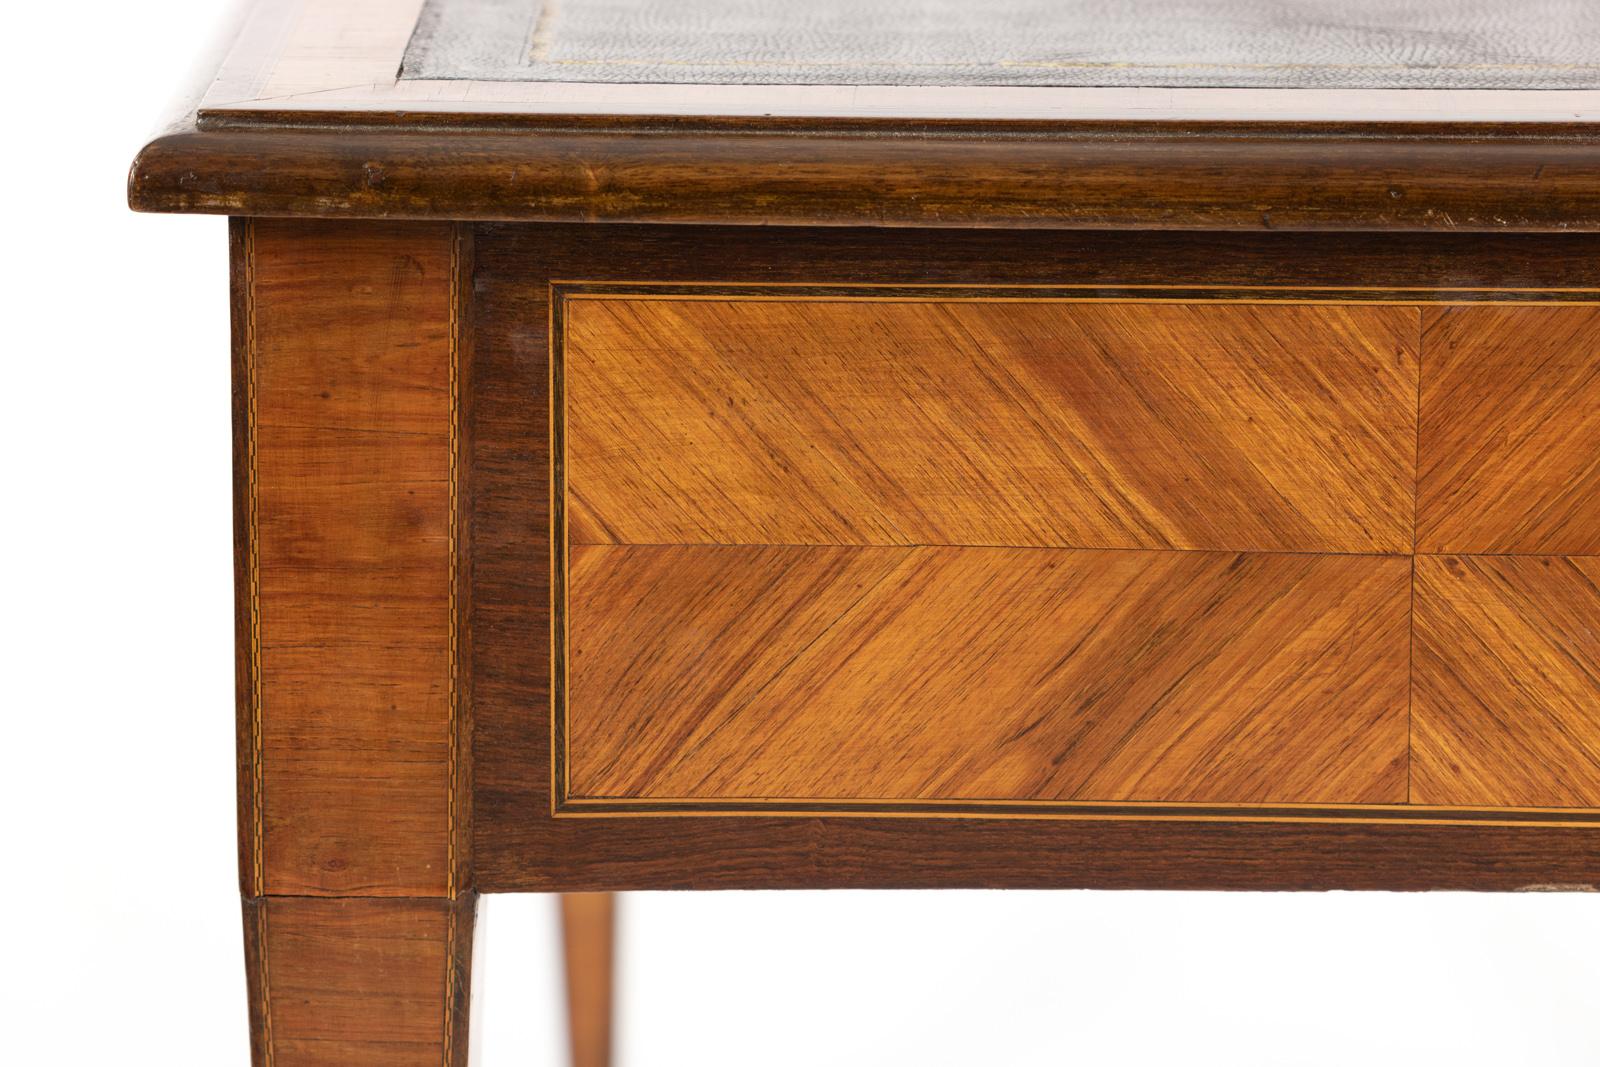 Table bureau top edwardian bureau writing desk with table bureau